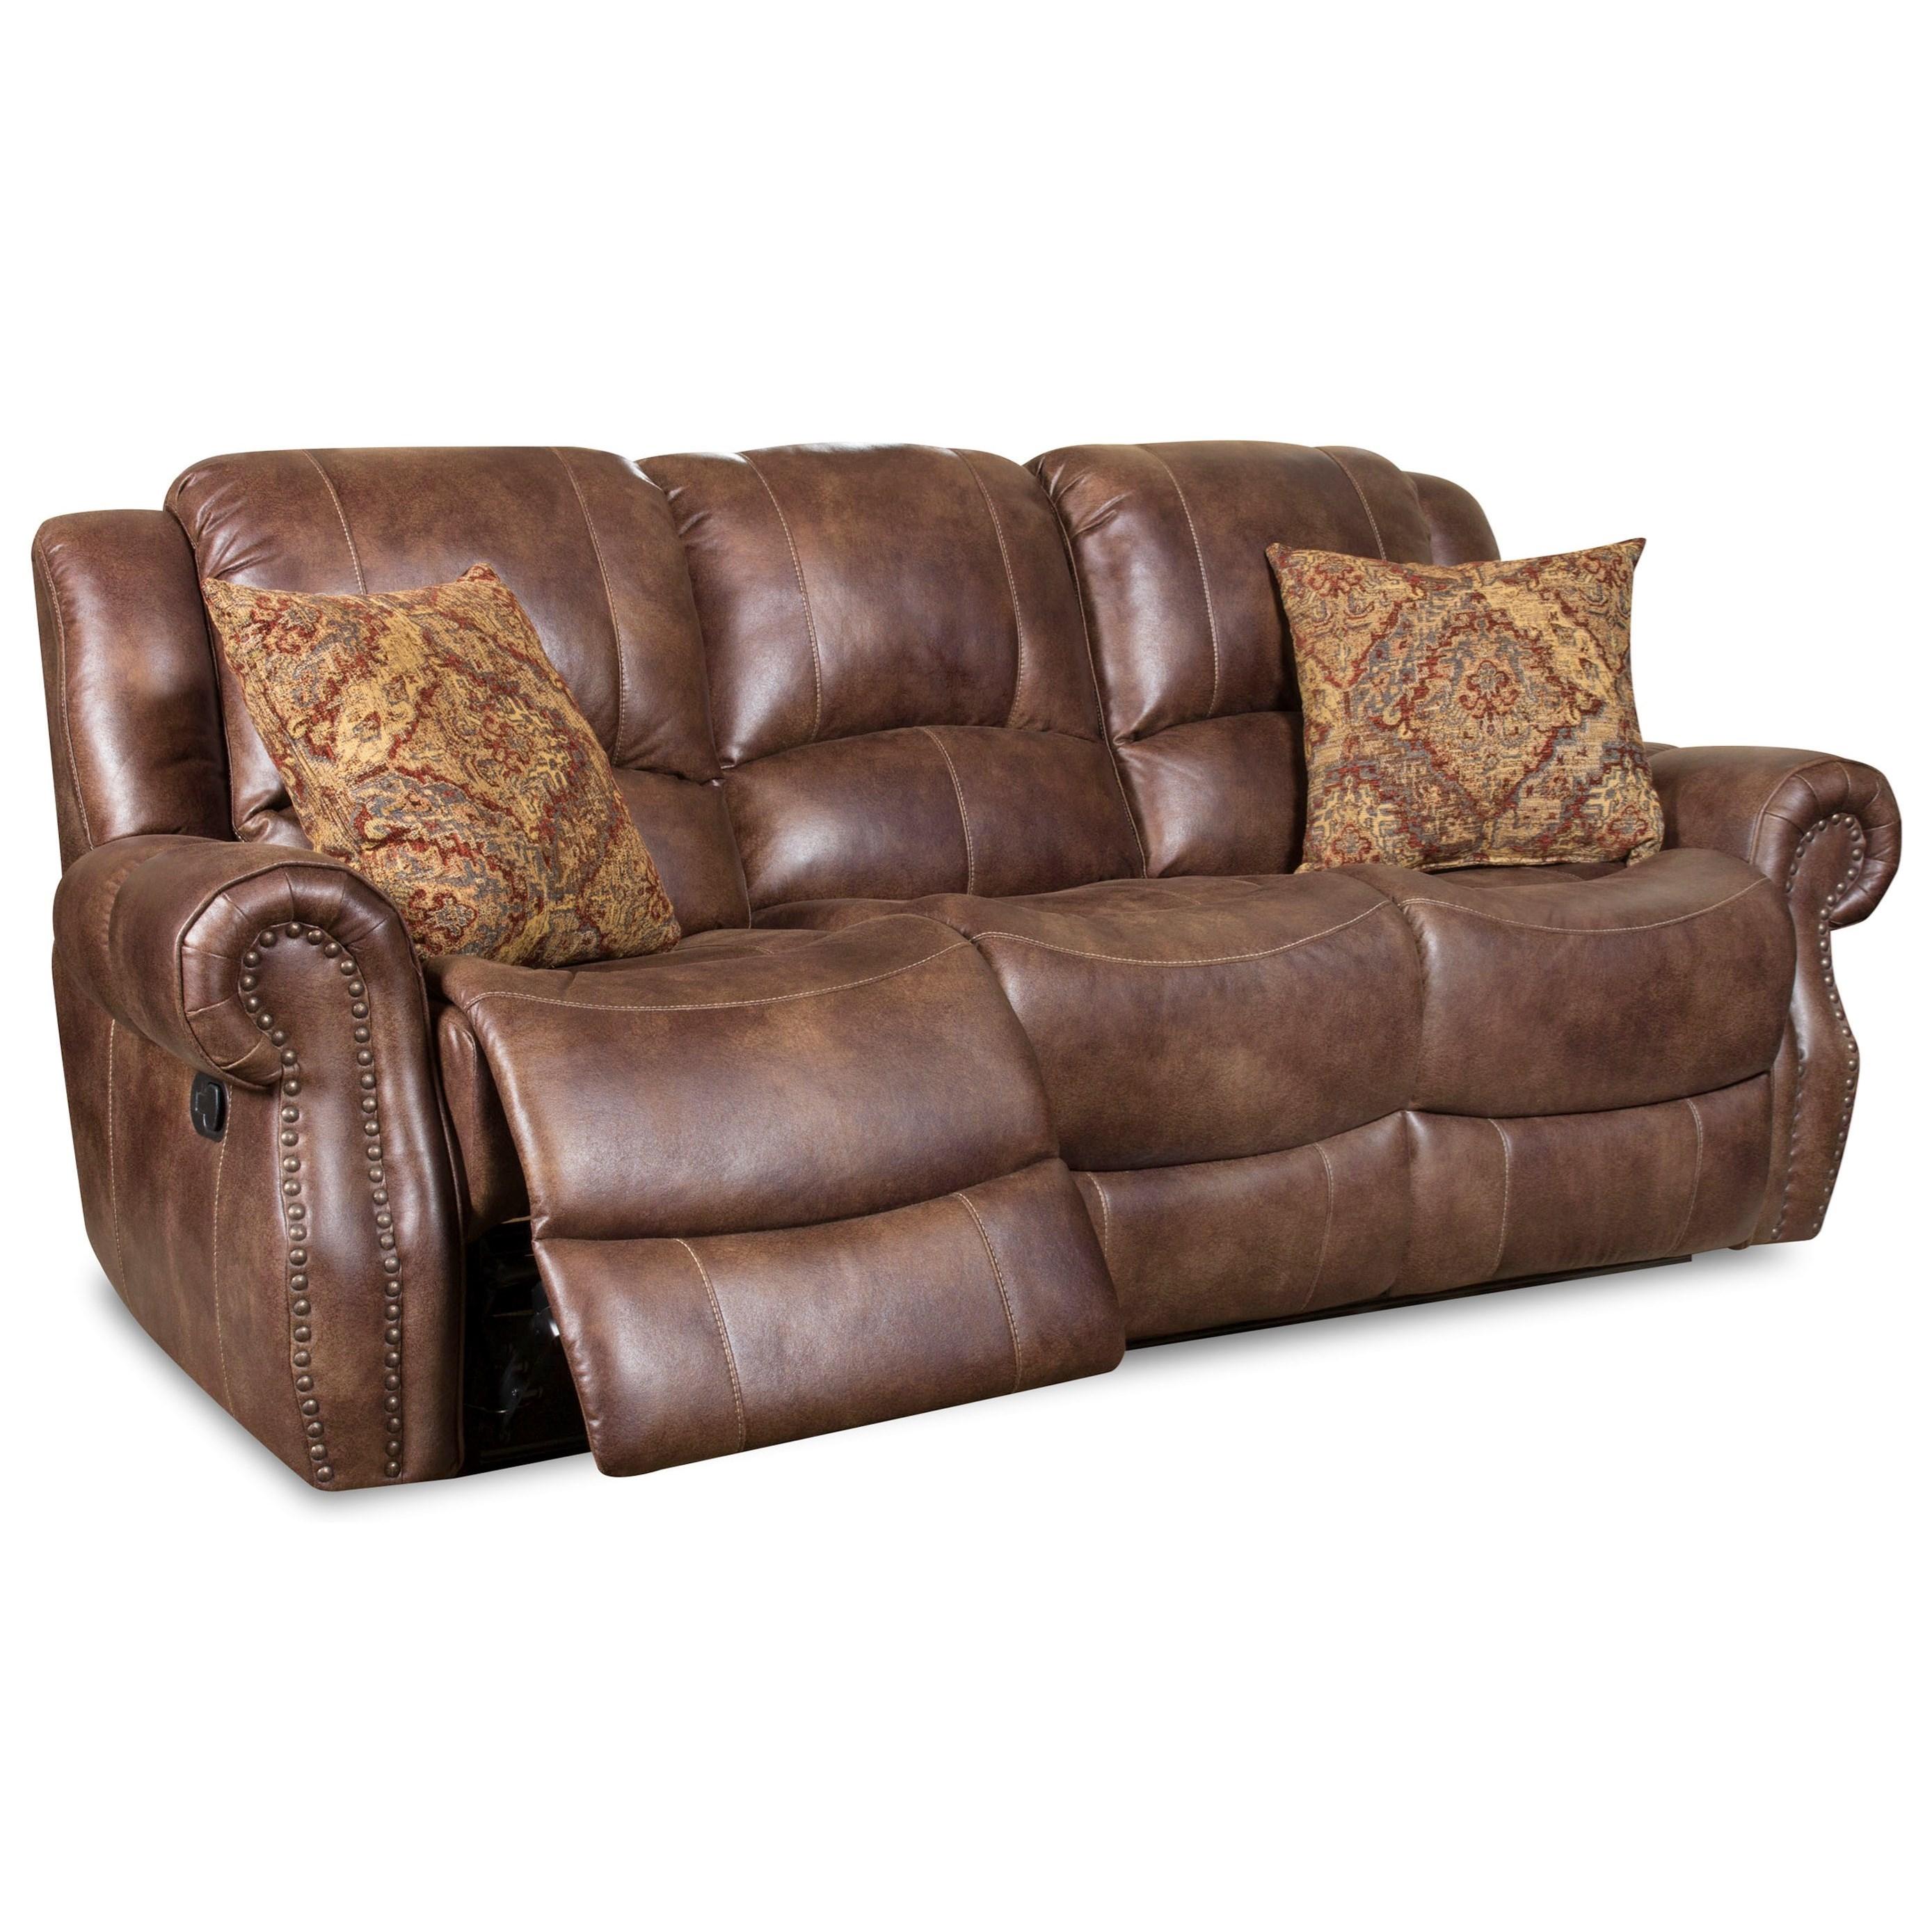 corinthian sofas verellen sofa 69901 30 recline household